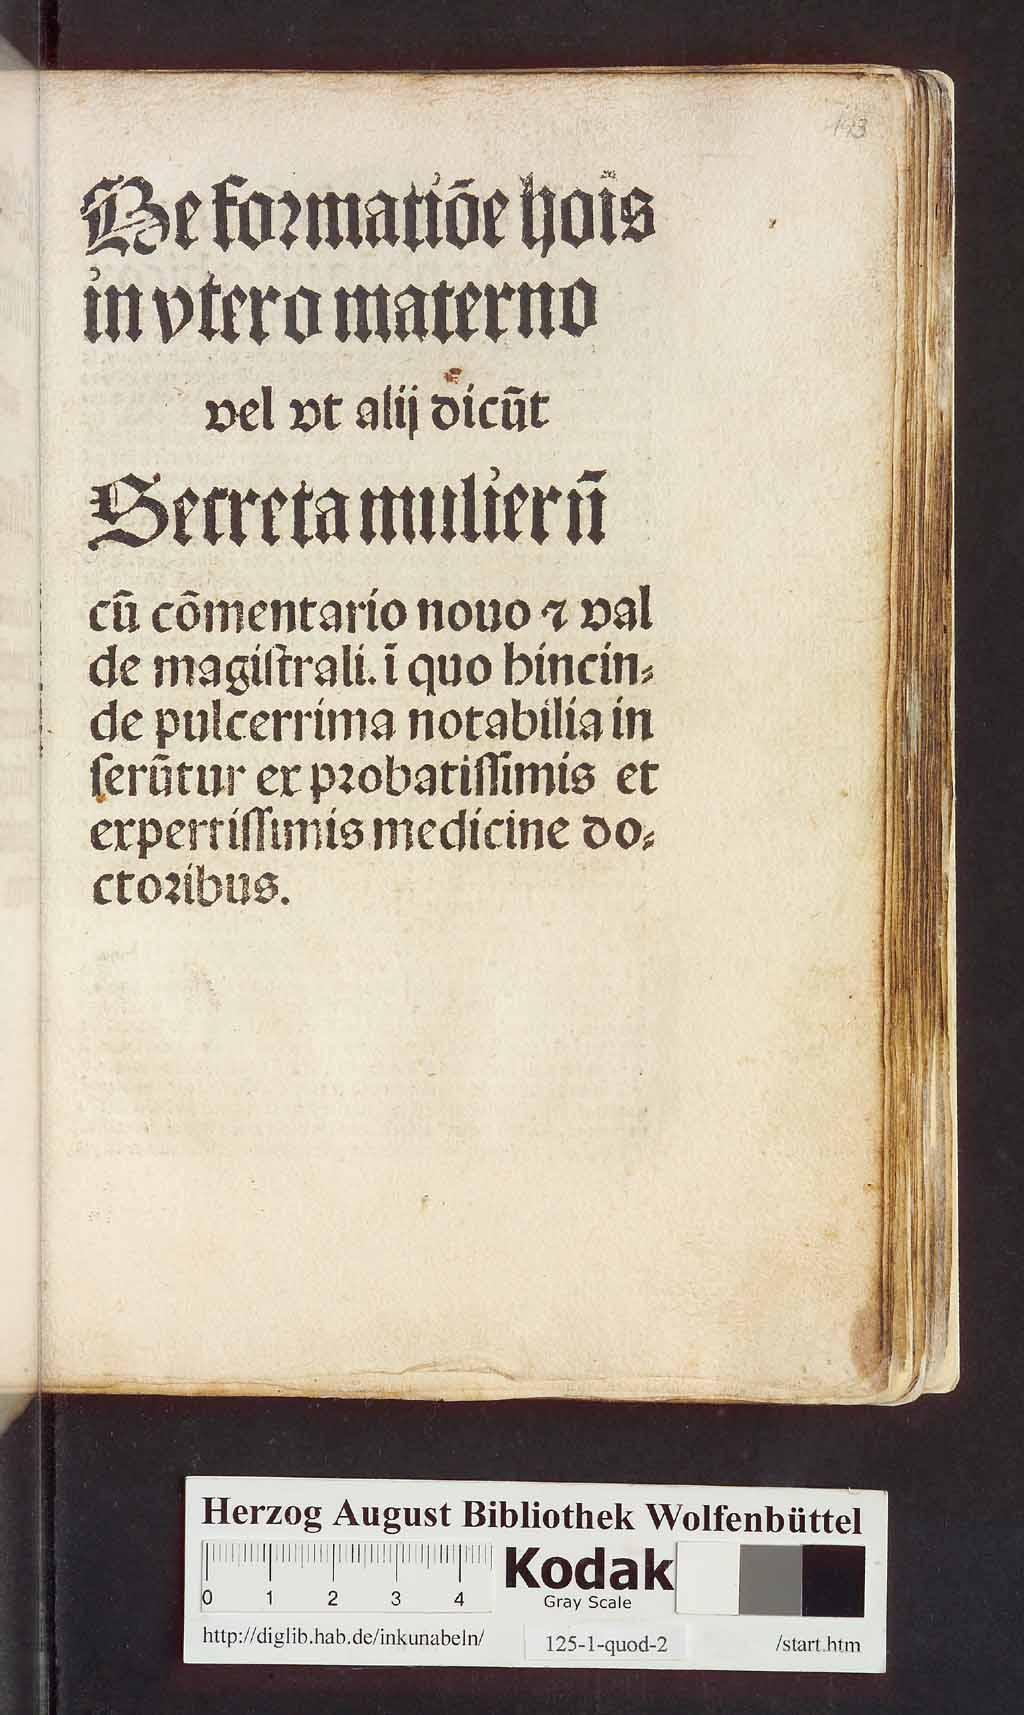 http://diglib.hab.de/inkunabeln/125-1-quod-2/00001.jpg